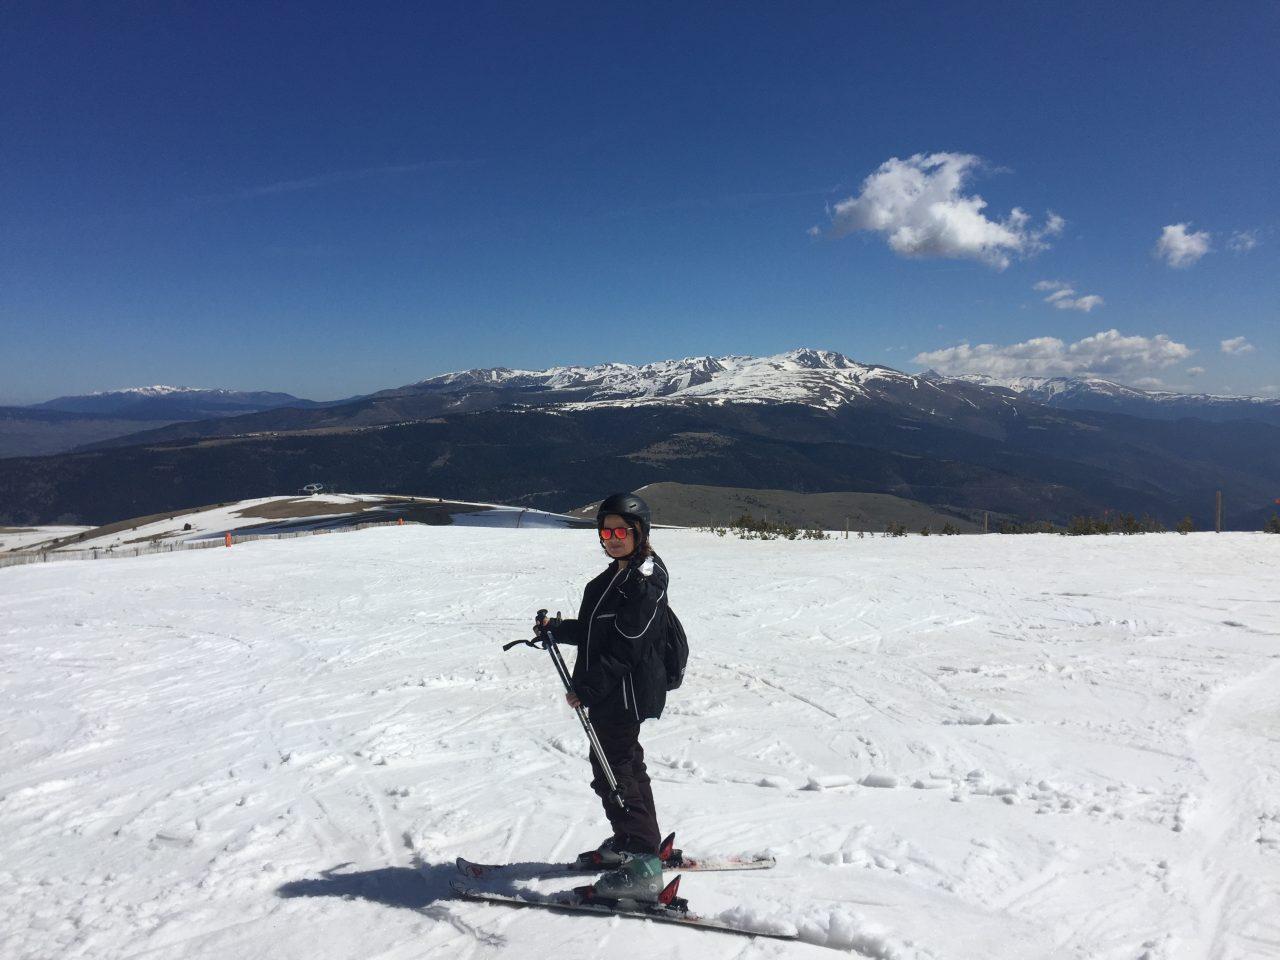 Vanessa posa com seus equipamentos na neve. Foto: Gentil estranho que pegou meu iPhone